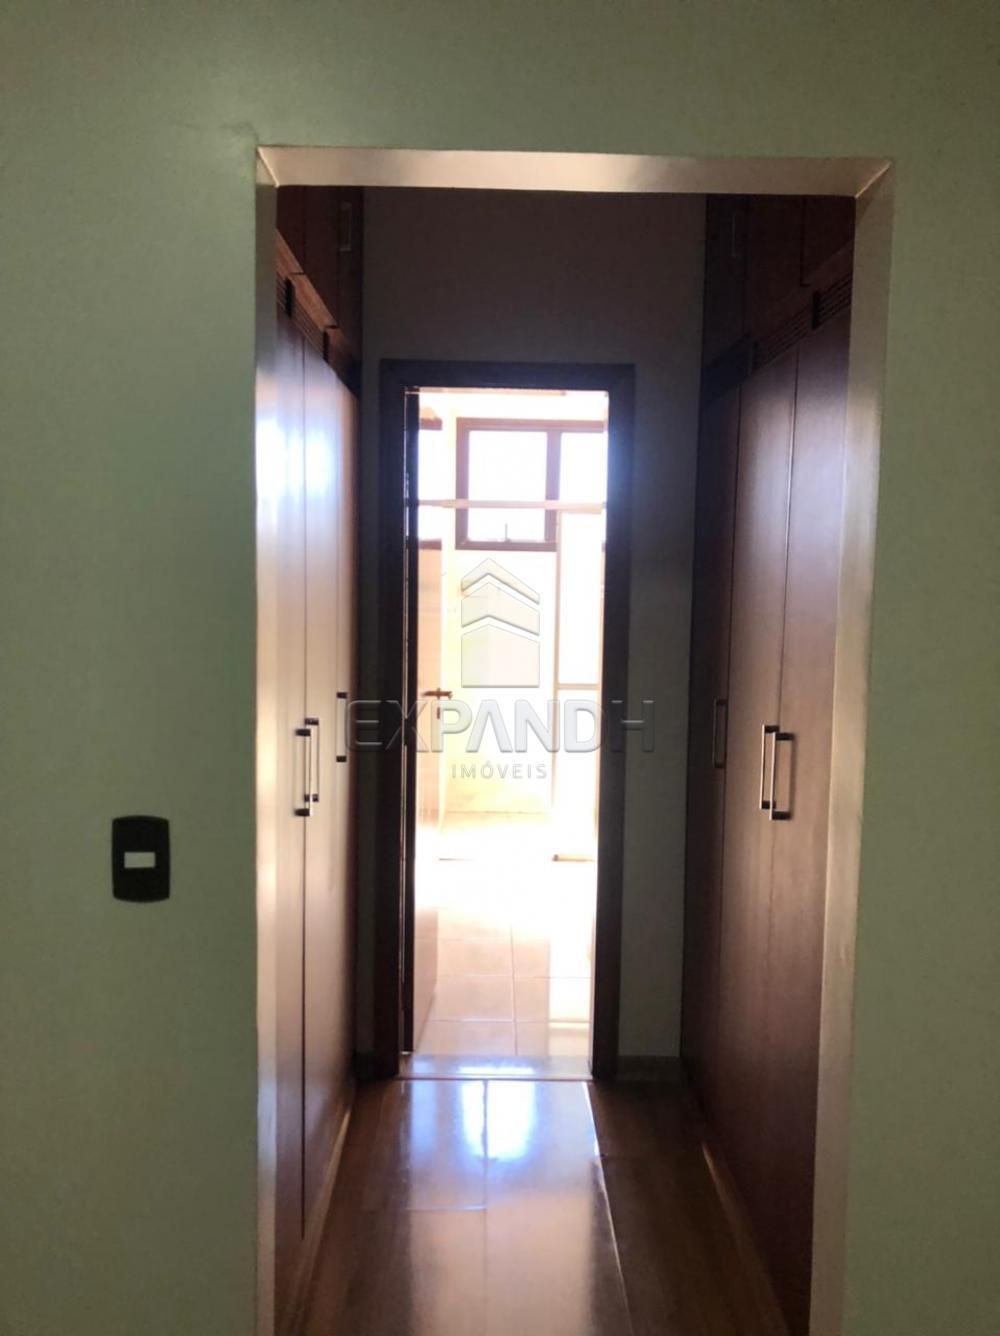 Alugar Apartamentos / Padrão em Sertãozinho R$ 1.350,00 - Foto 24